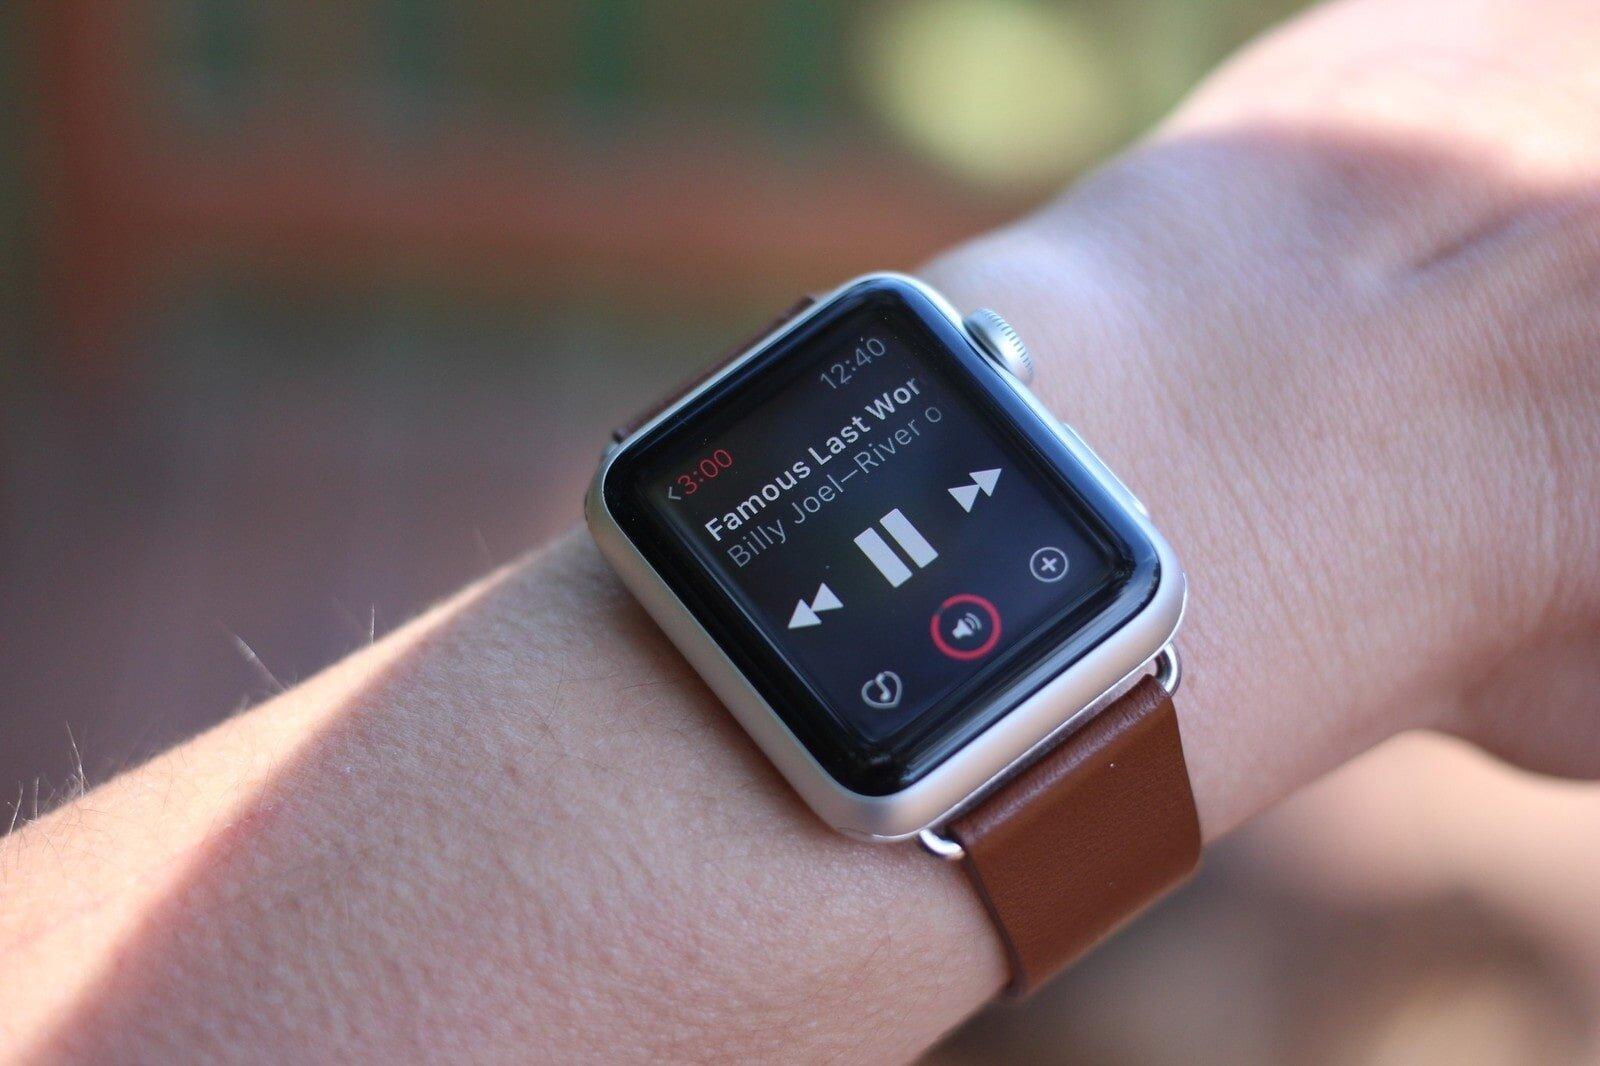 Apple Watch làm được những gì khi không phải nghe nhạc?